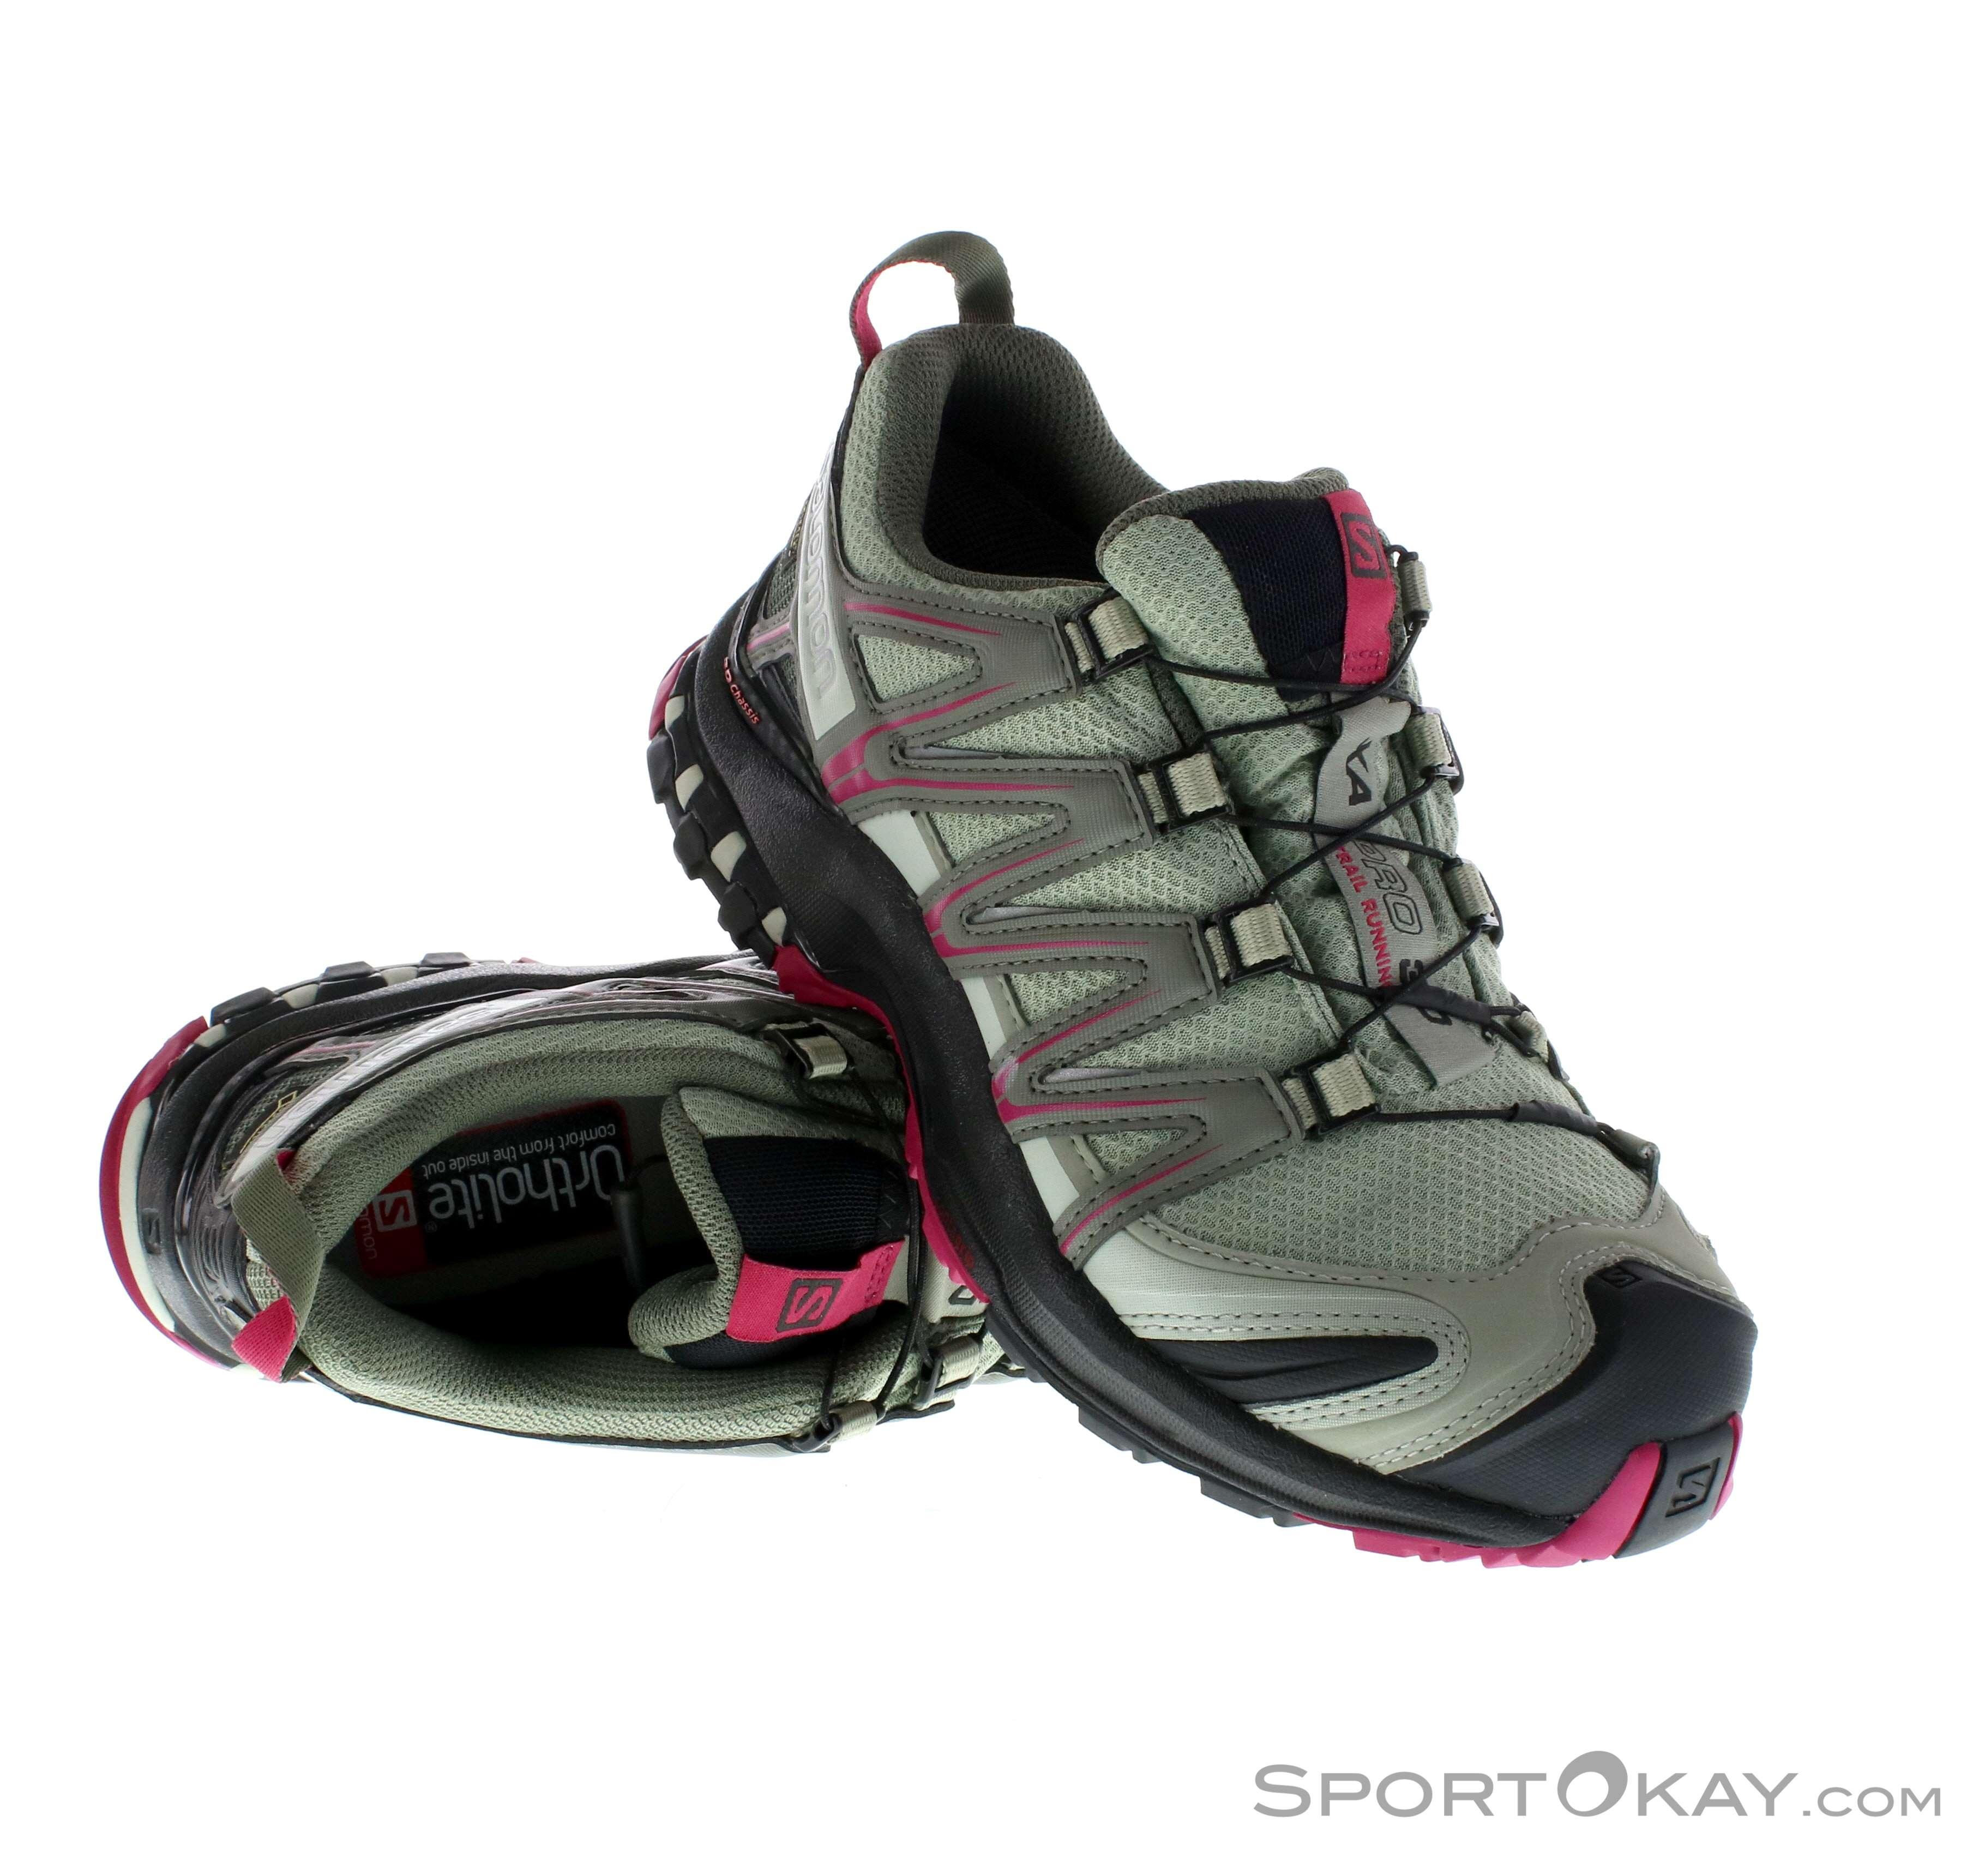 nuovo di zecca 8e522 7851e Salomon Salomon XA Pro 3D Womens Scarpe da Trail Running Gore-Tex